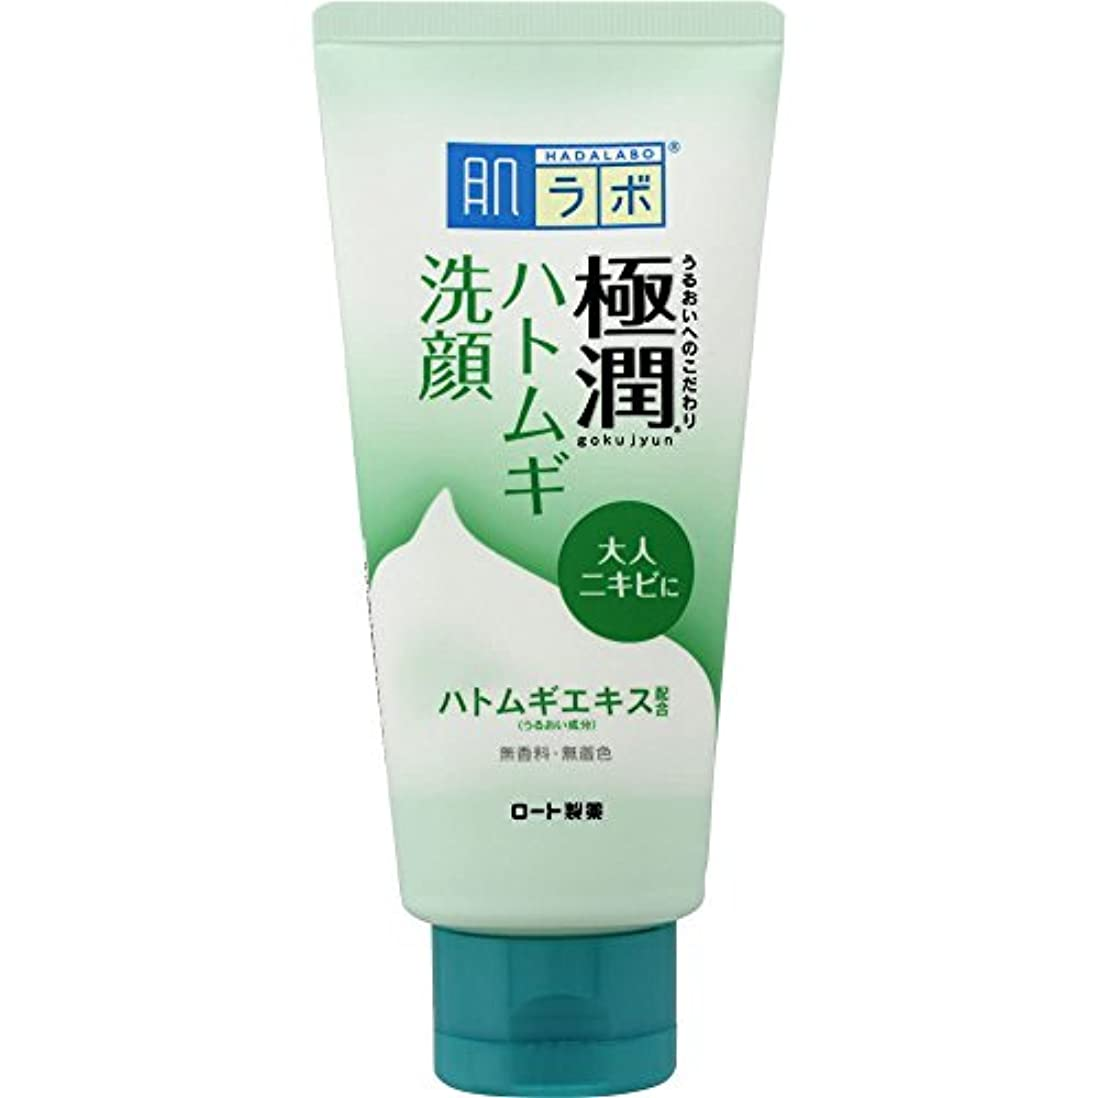 圧縮注釈を付ける不可能な肌ラボ 極潤 毛穴洗浄 大人ニキビ予防 ハトムギ洗顔フォーム 100g